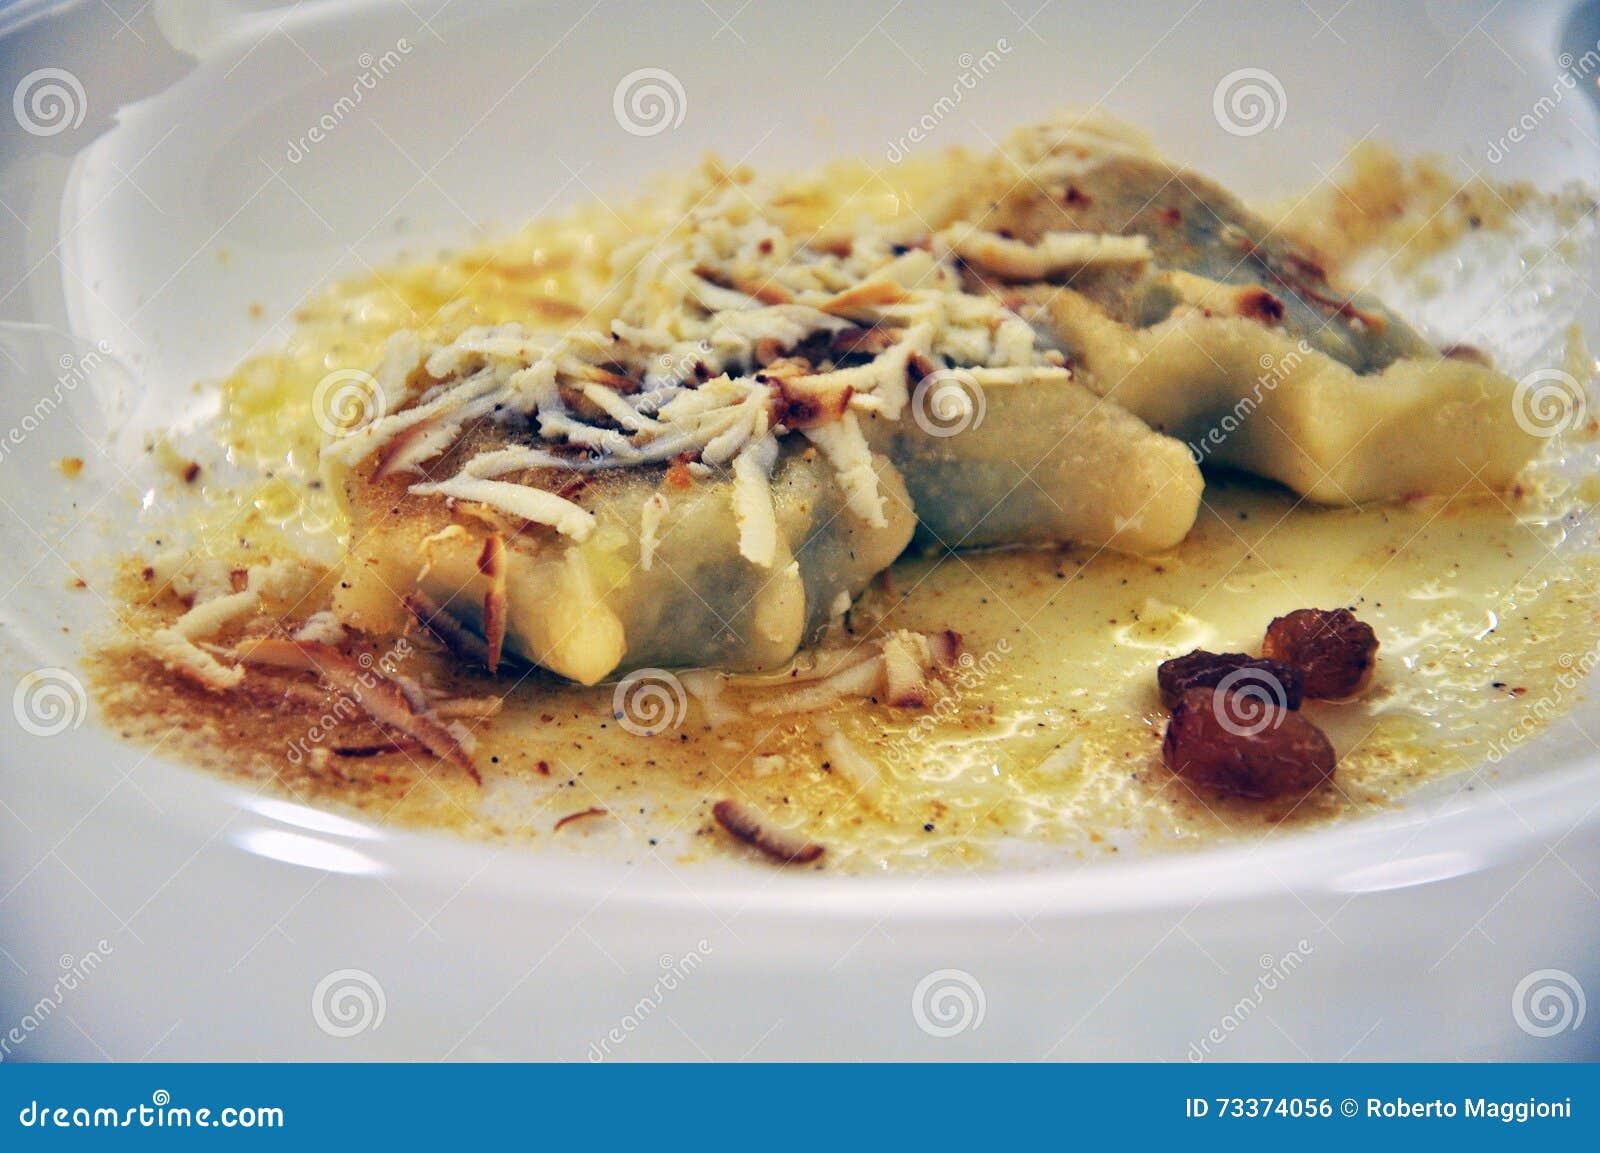 Le migliori ricette della cucina regionale italiana per pranzo e